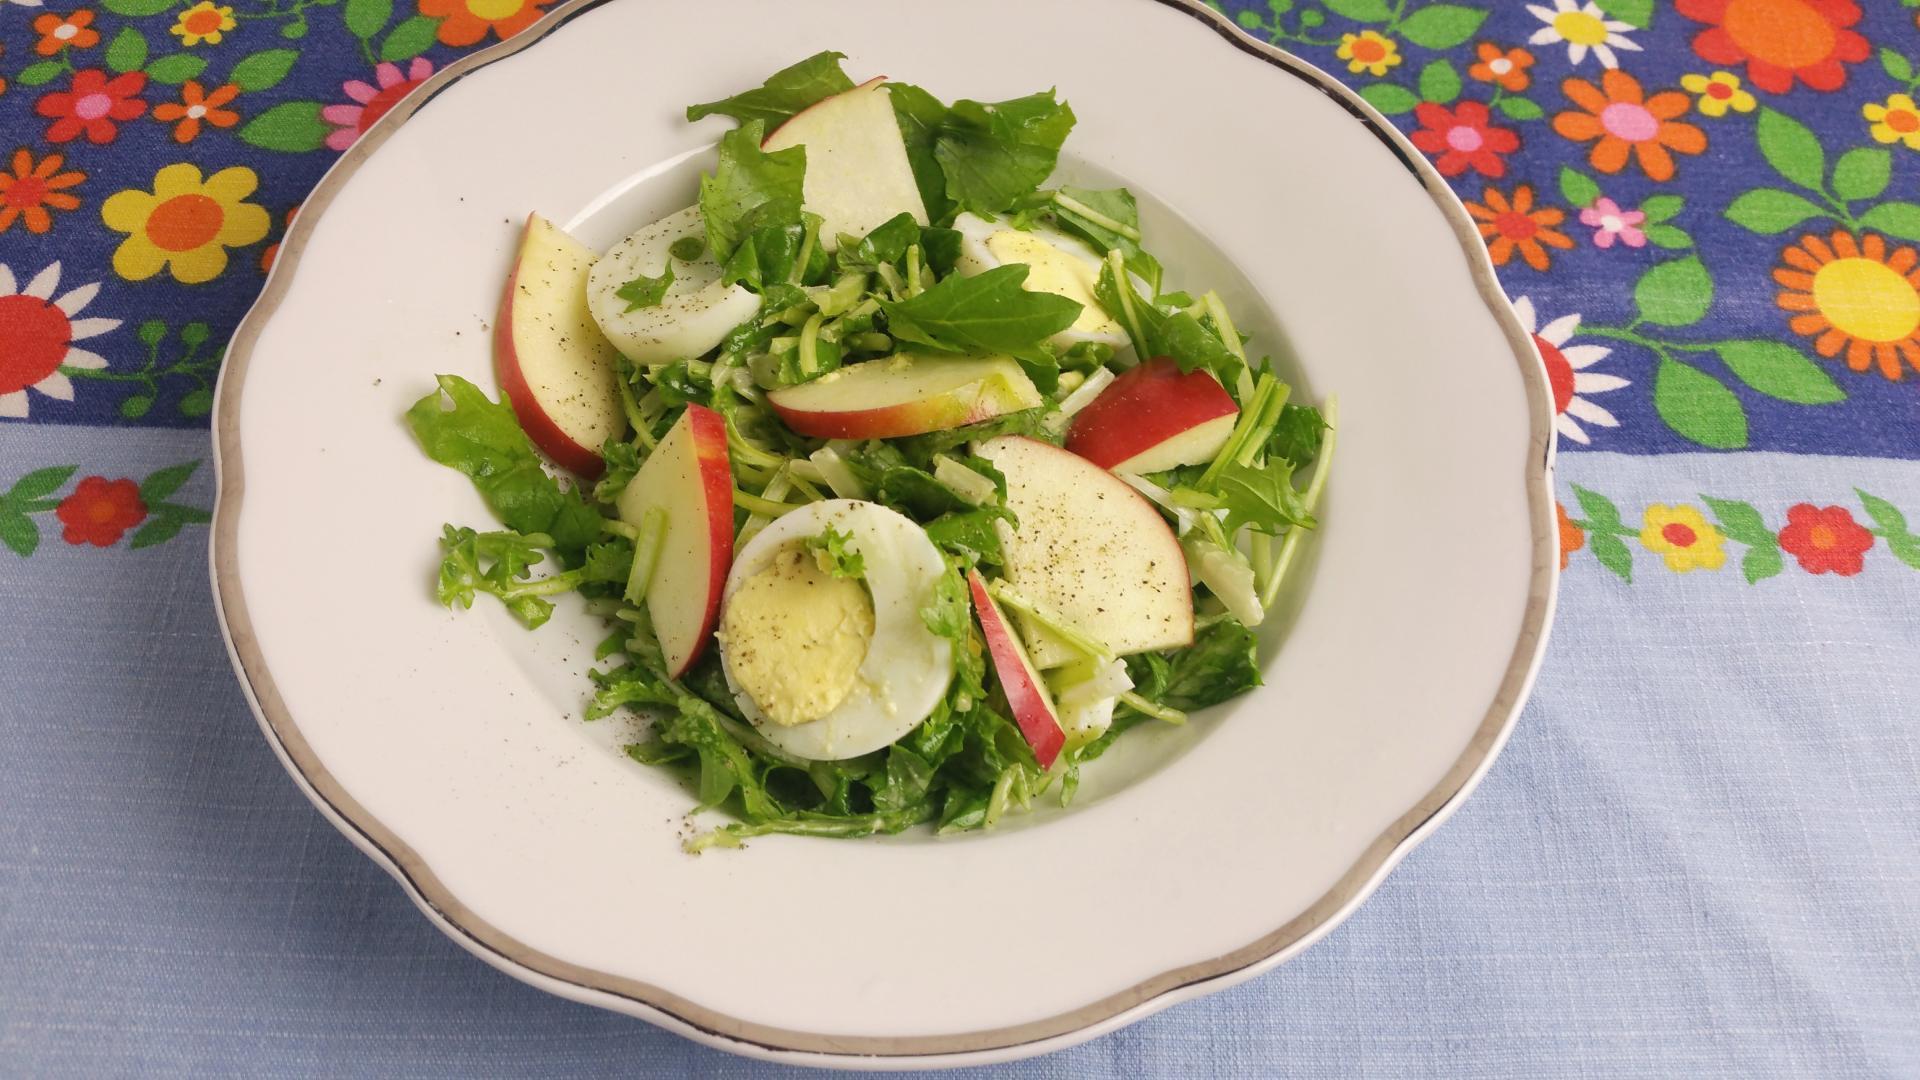 Uitgelichte foto voor het bericht Raapstelen salade met appel en ei